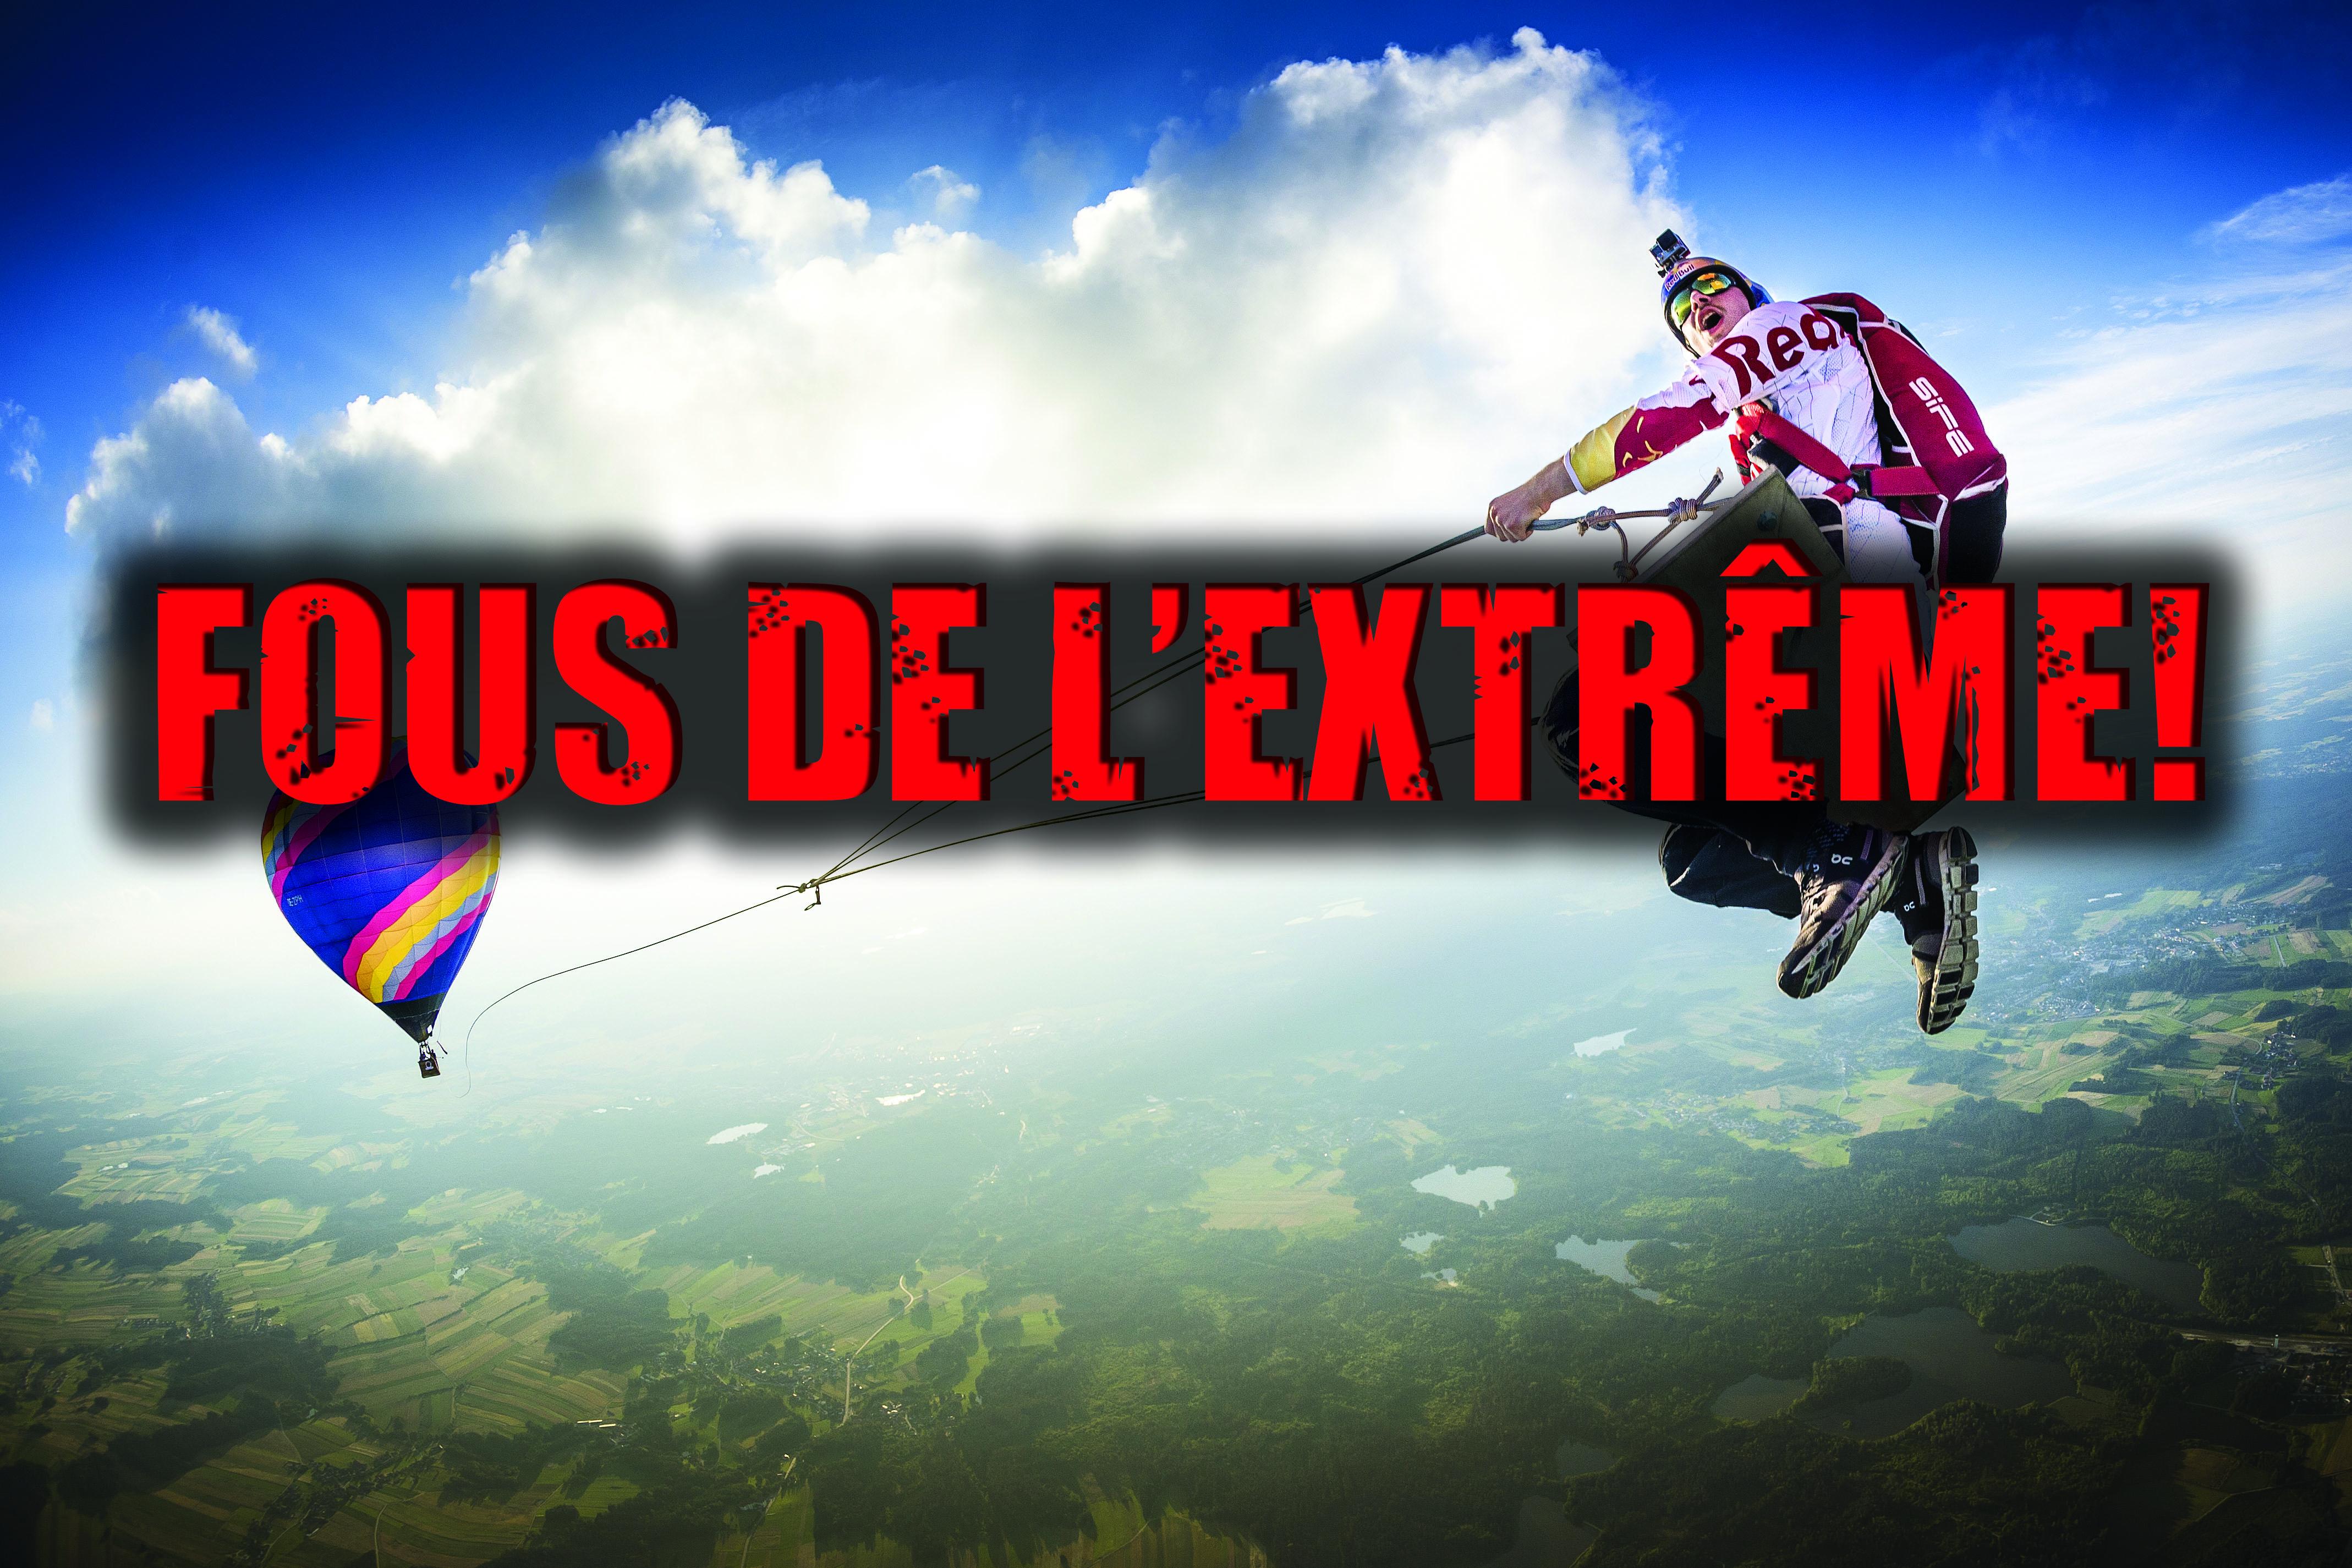 Êtes-vous fous de l'extrême ?